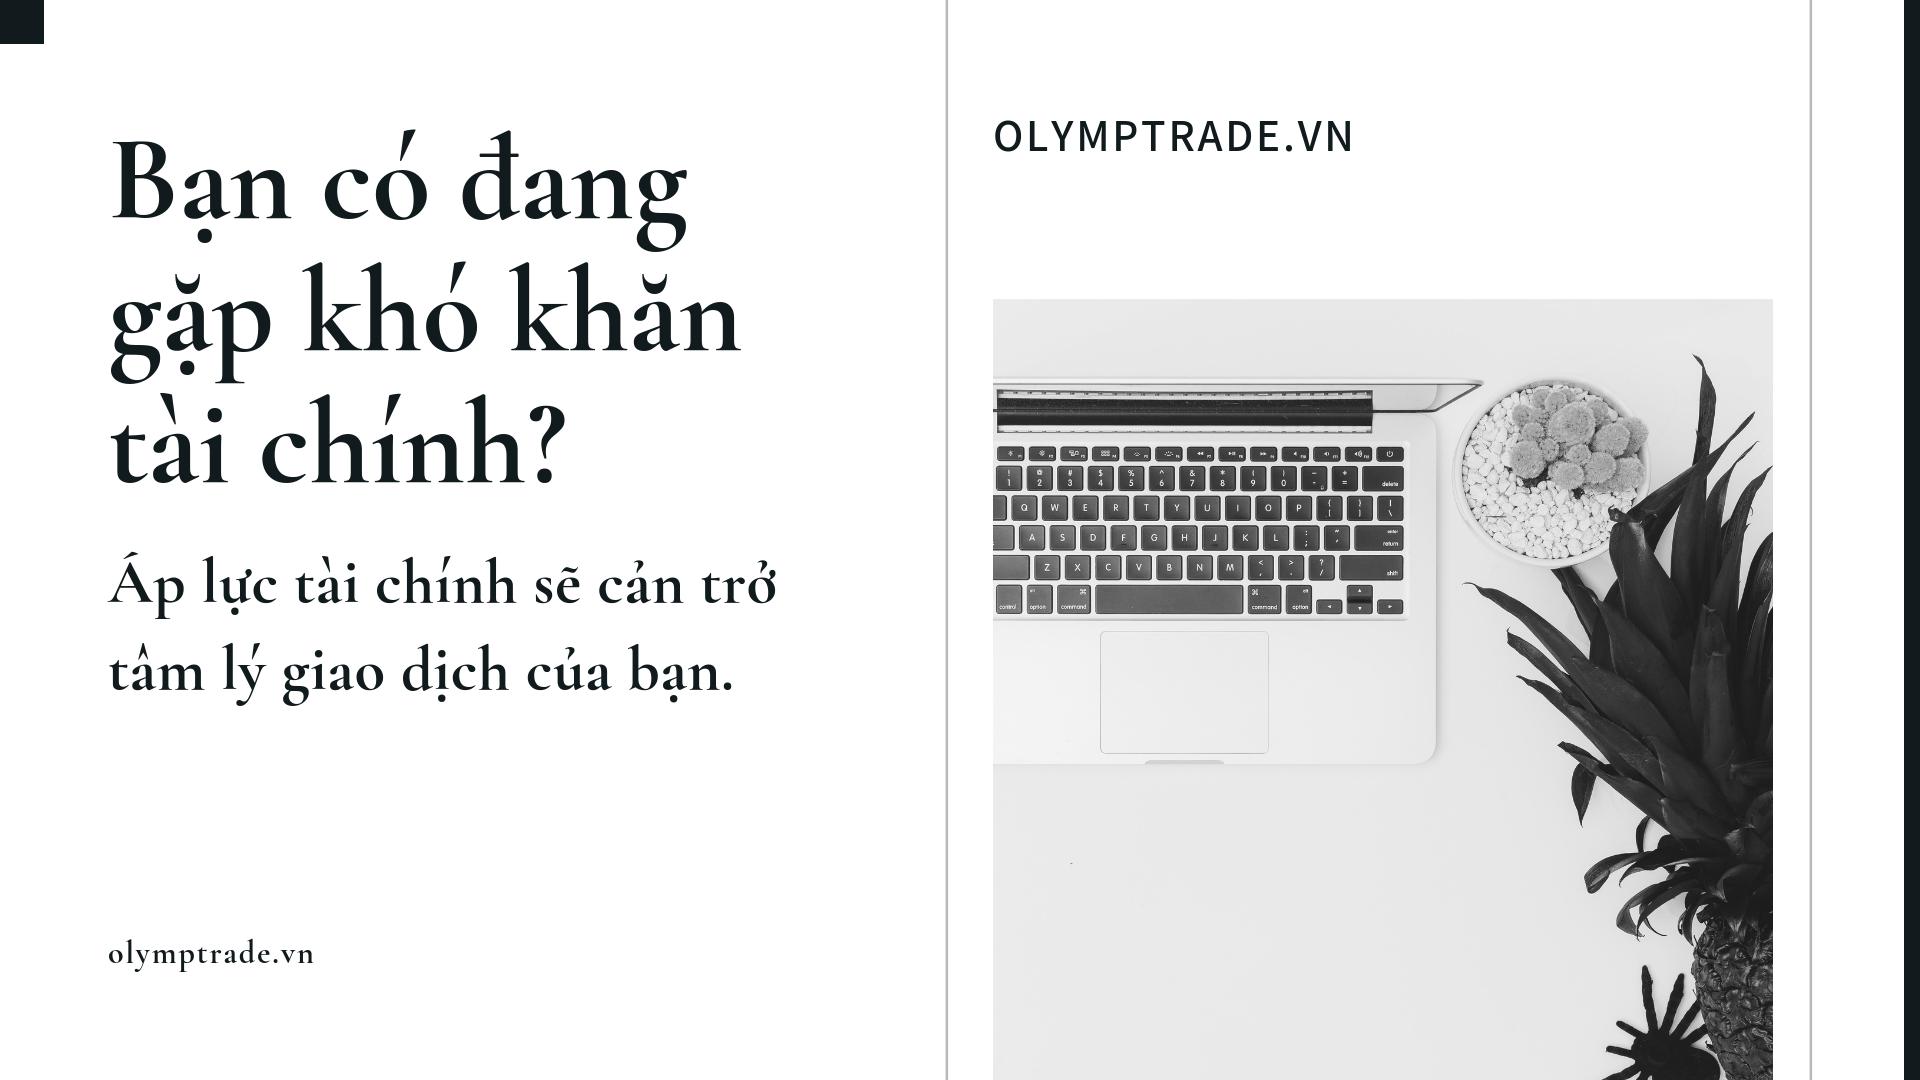 von-dau-tu-choi-olymp-trade